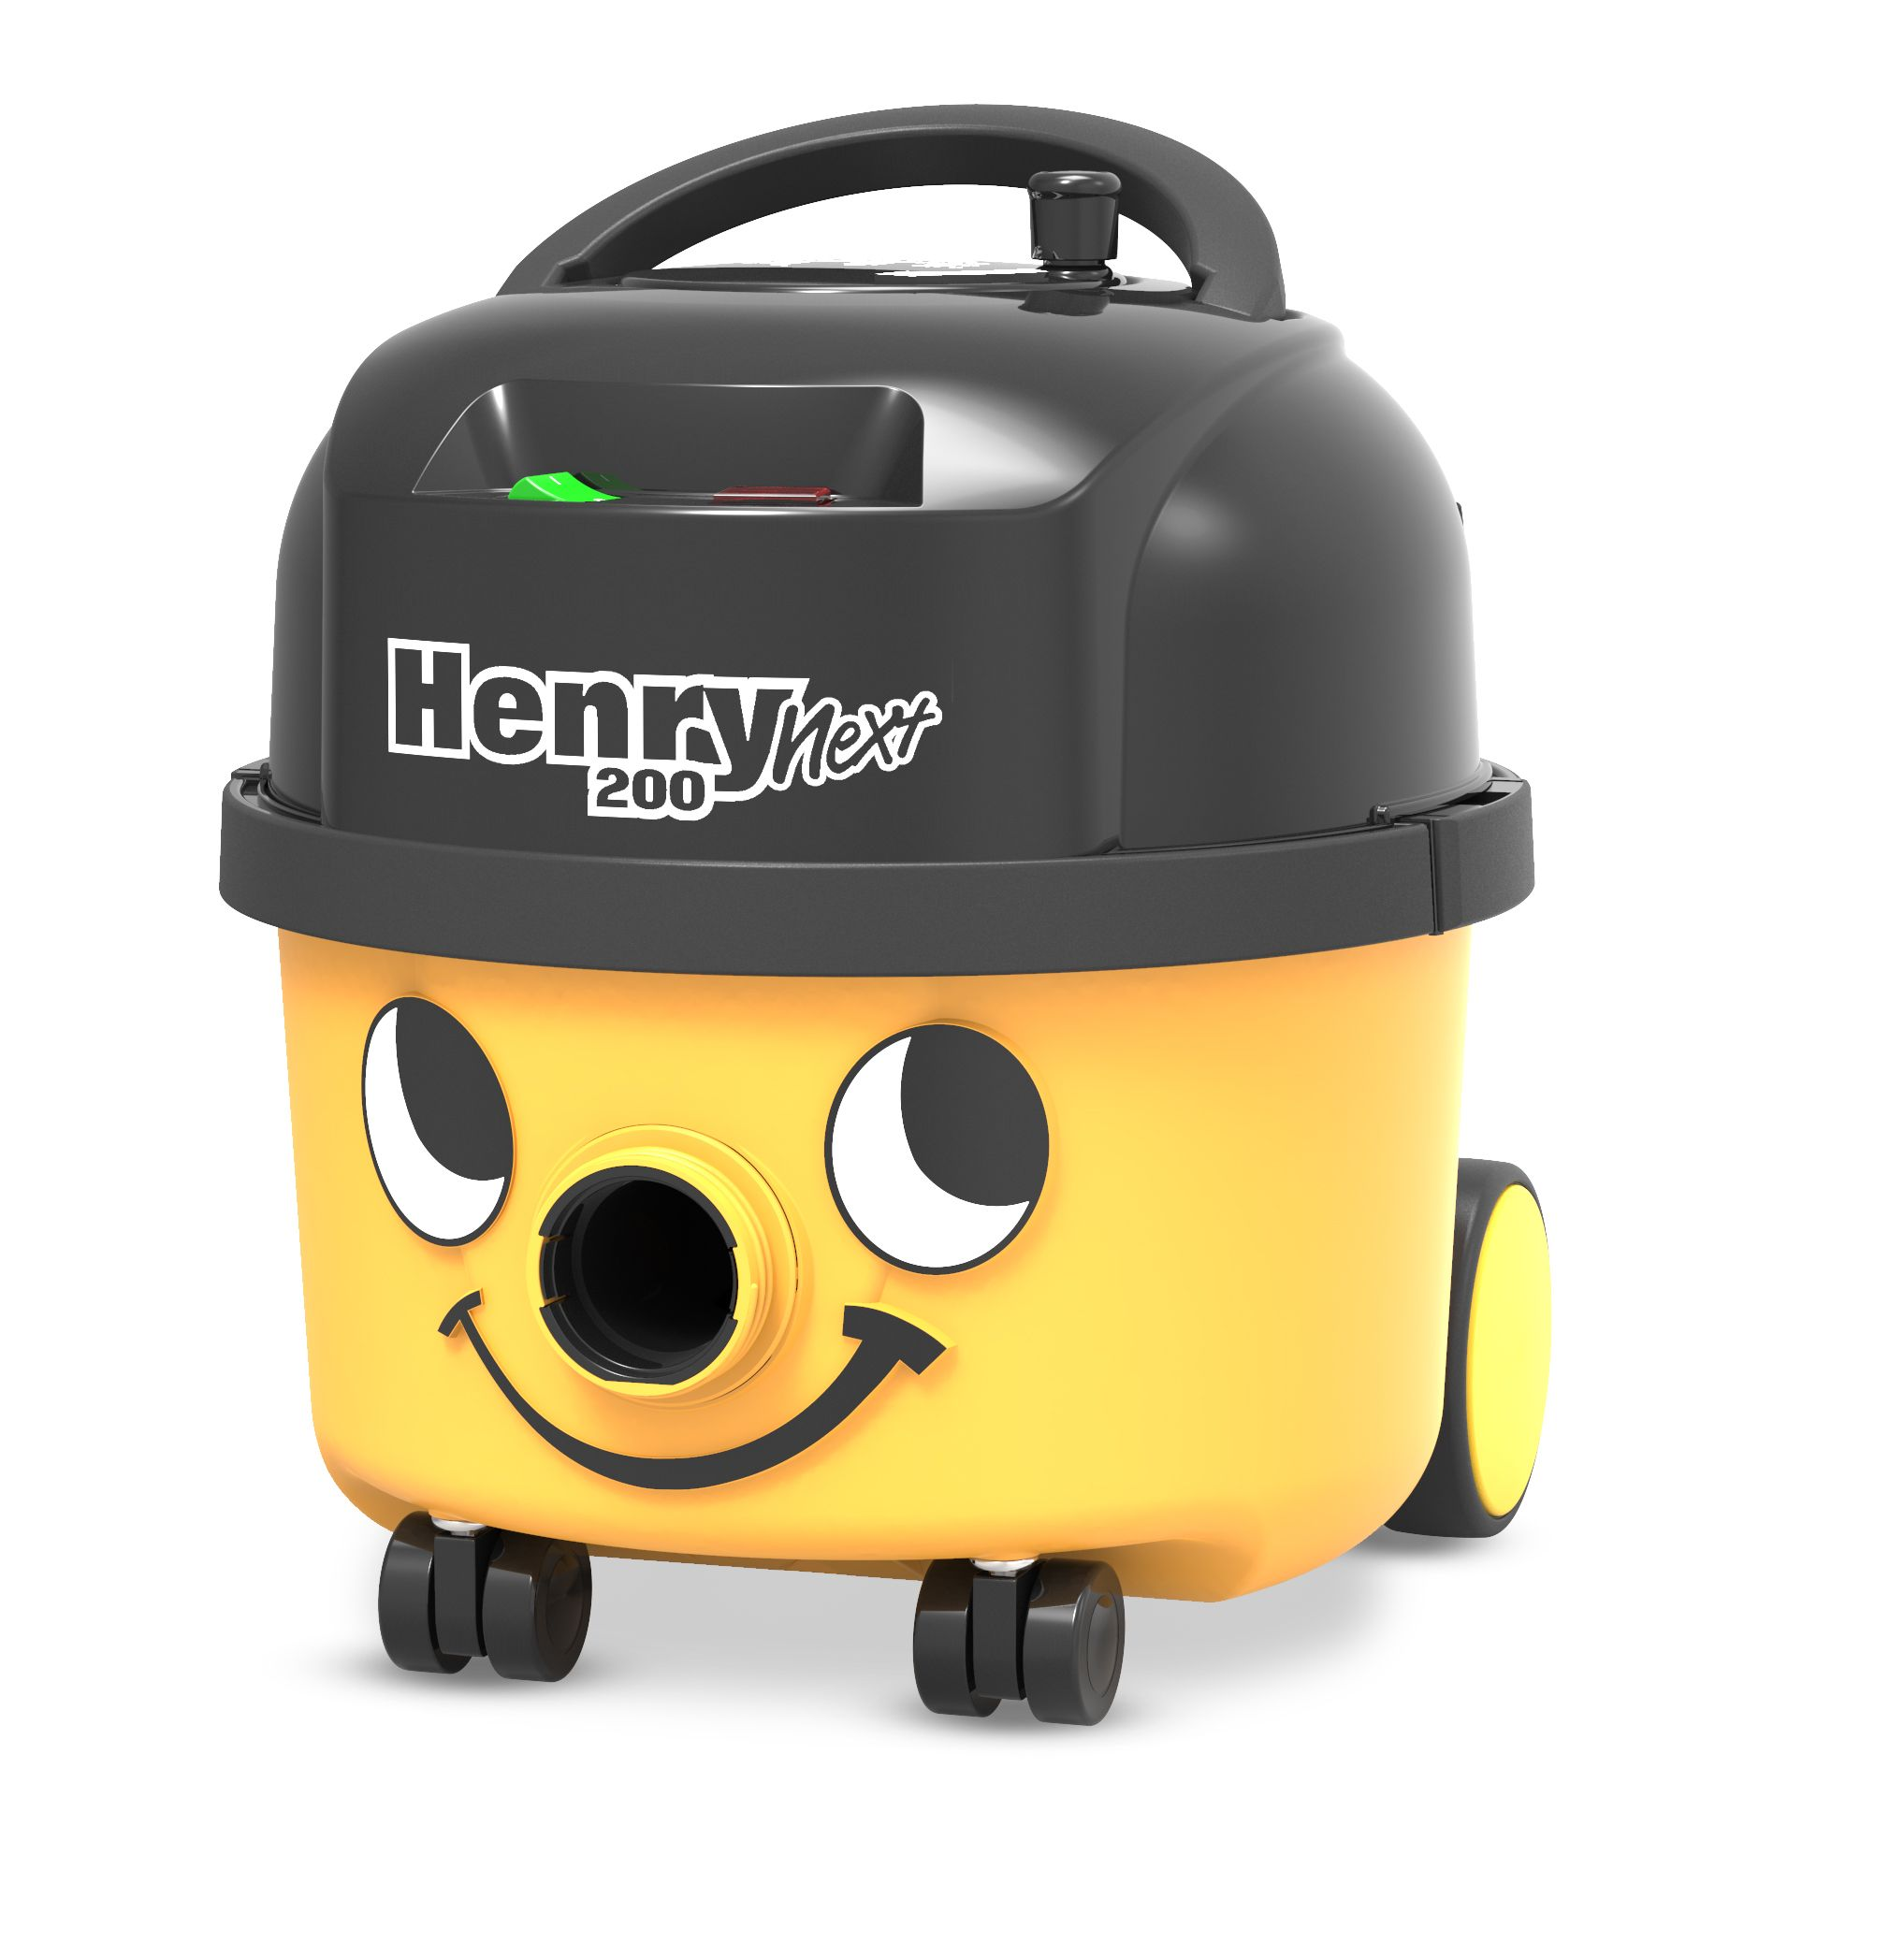 Stofzuiger Henry Next HVN203-11 geel met kit AST0 en 601530